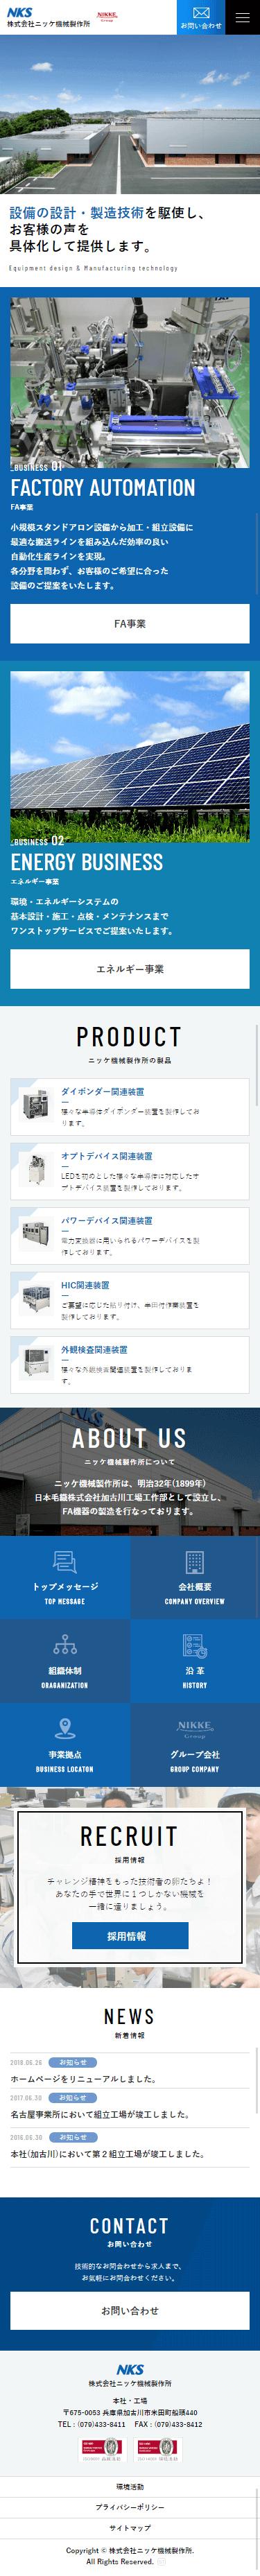 加古川市 株式会社ニッケ機械製作所 ホームページ制作3